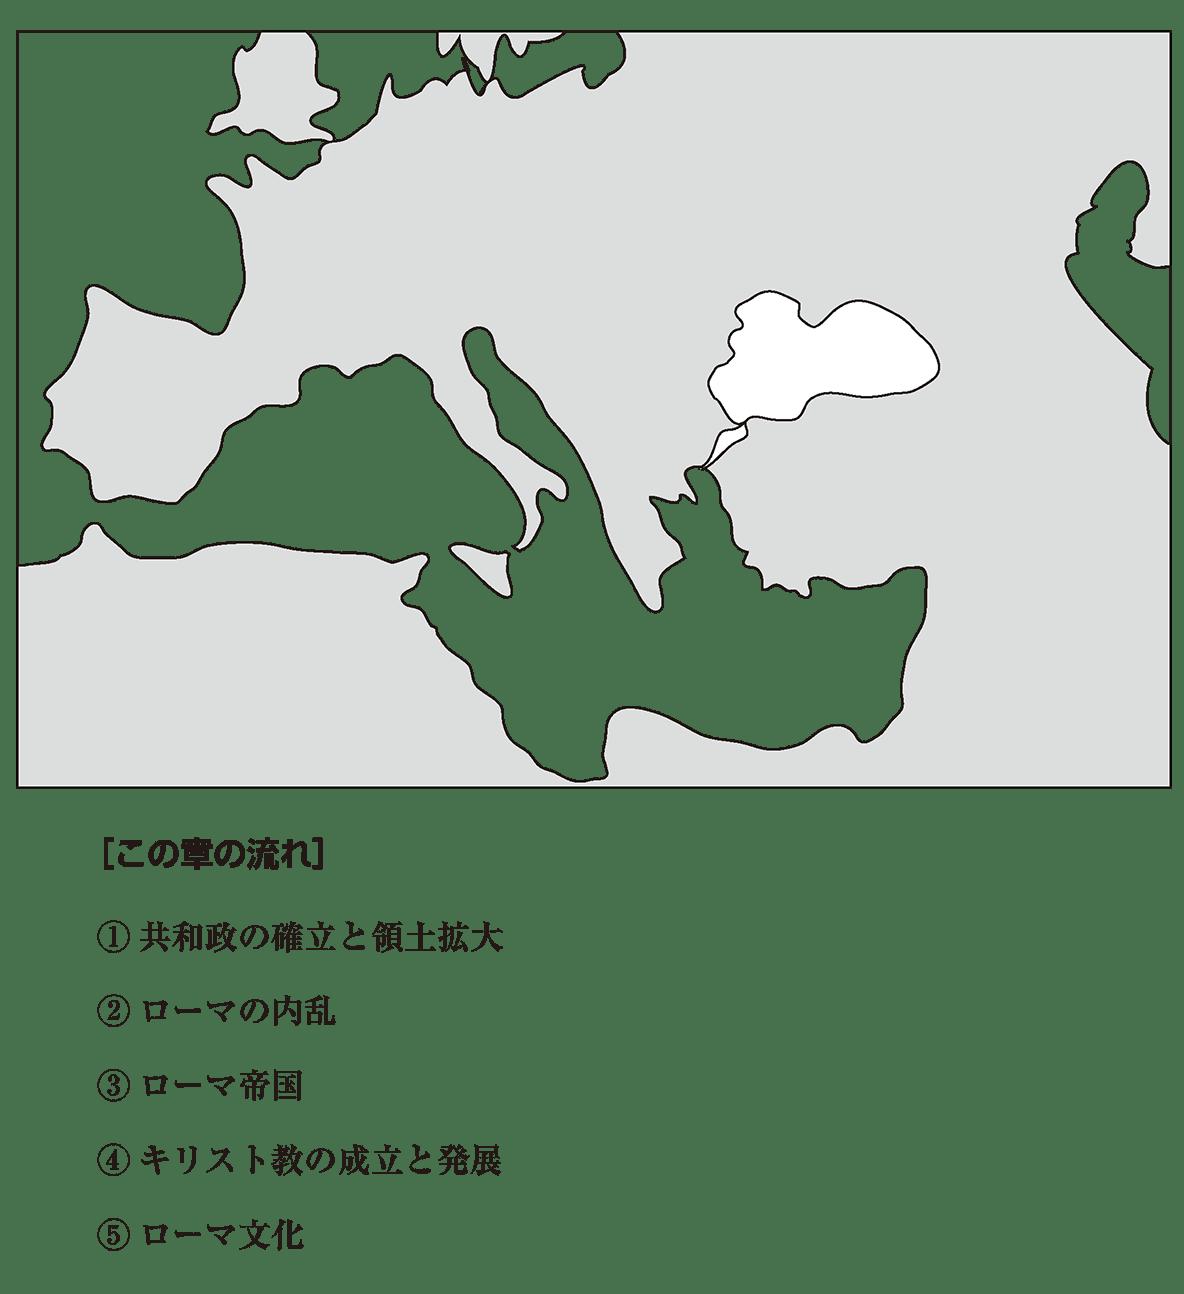 高校世界史 ローマ世界0の右ページ/ヨーロッパ地図+下部テキスト